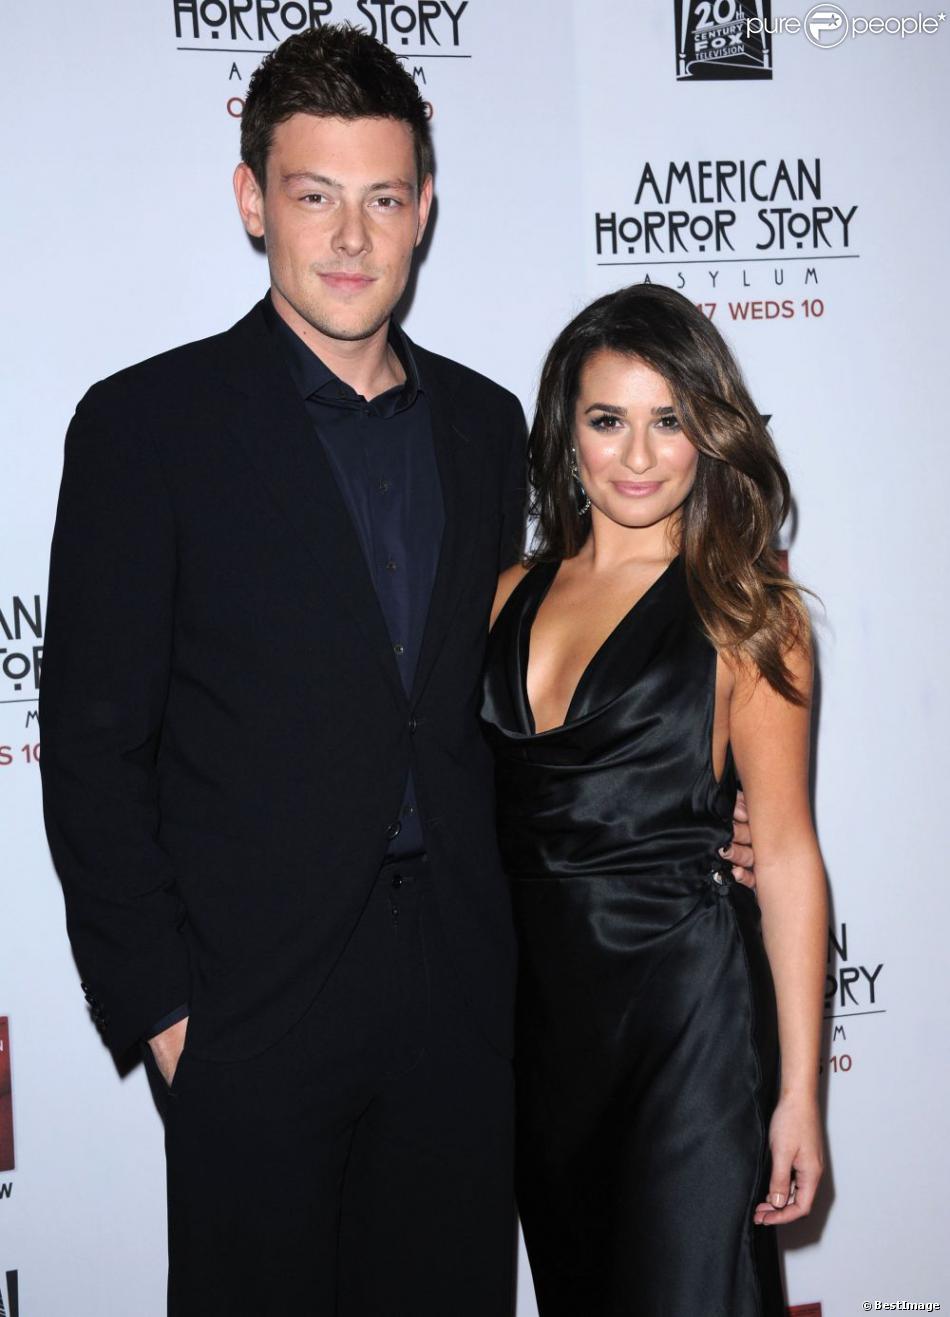 Cory Monteith et Lea Michele à la première du film  American Horror Story : Asylum  aux studios Paramount à Los Angeles, le 13 octobre 2012.